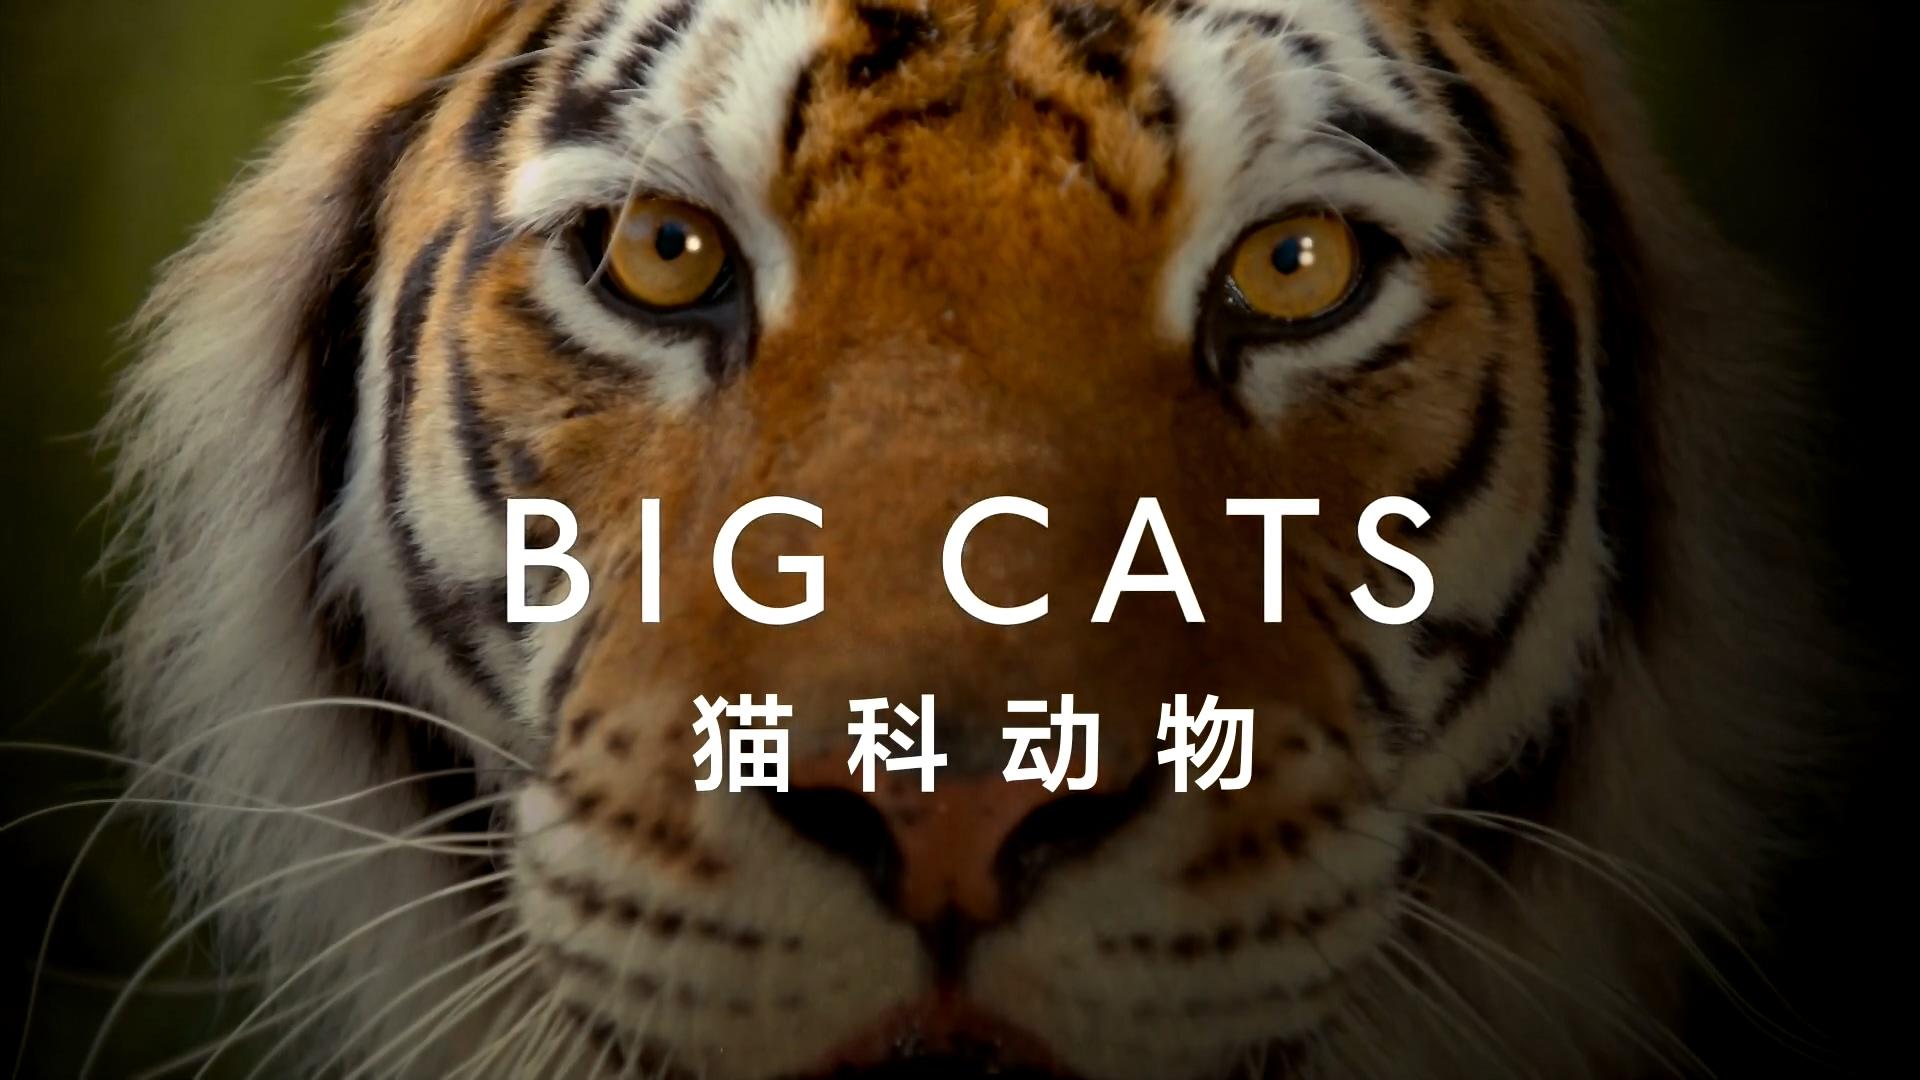 【纪录片】猫科探秘 第二集【双语特效字幕】【纪录片之家爱自然】